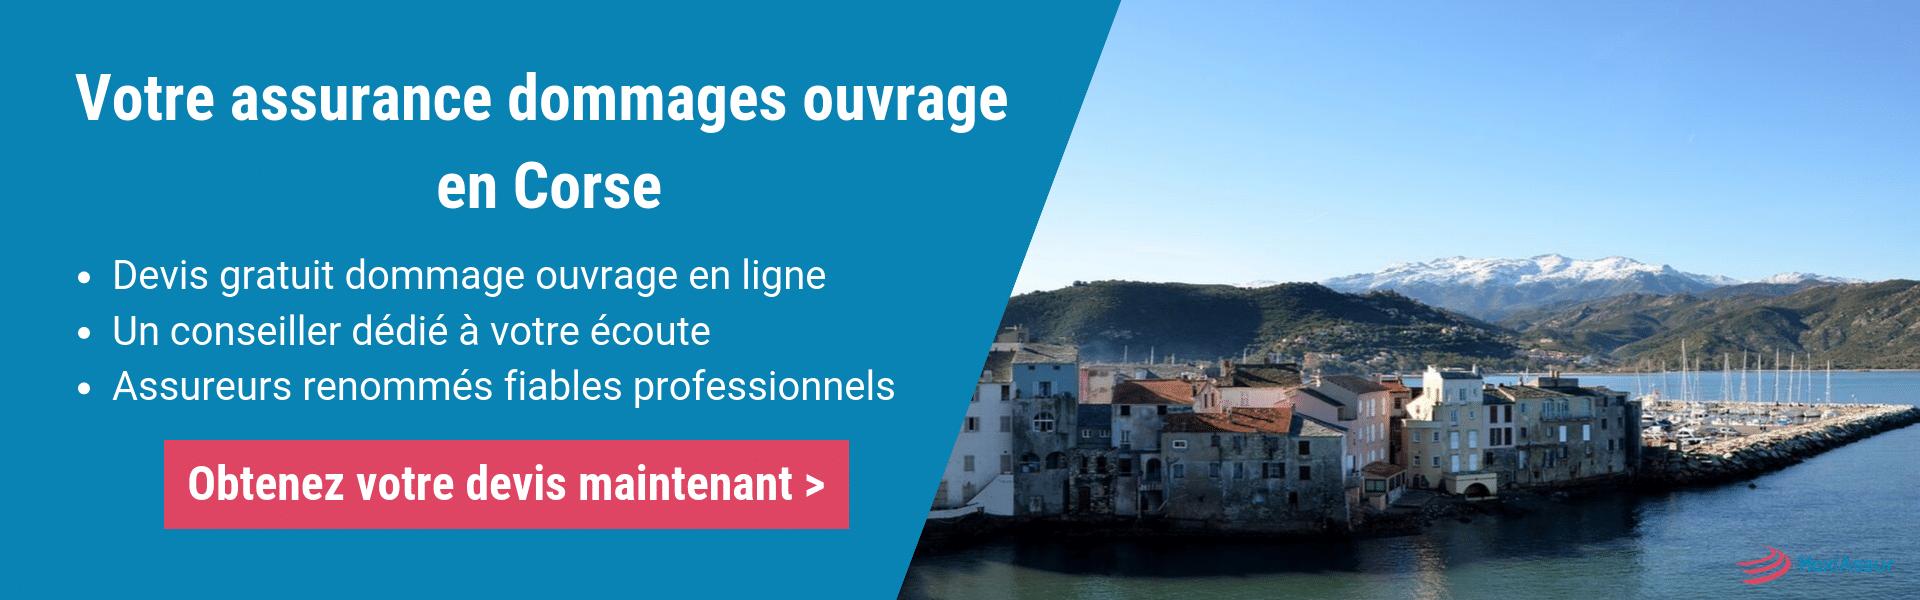 Assurance dommages ouvrage en Corse